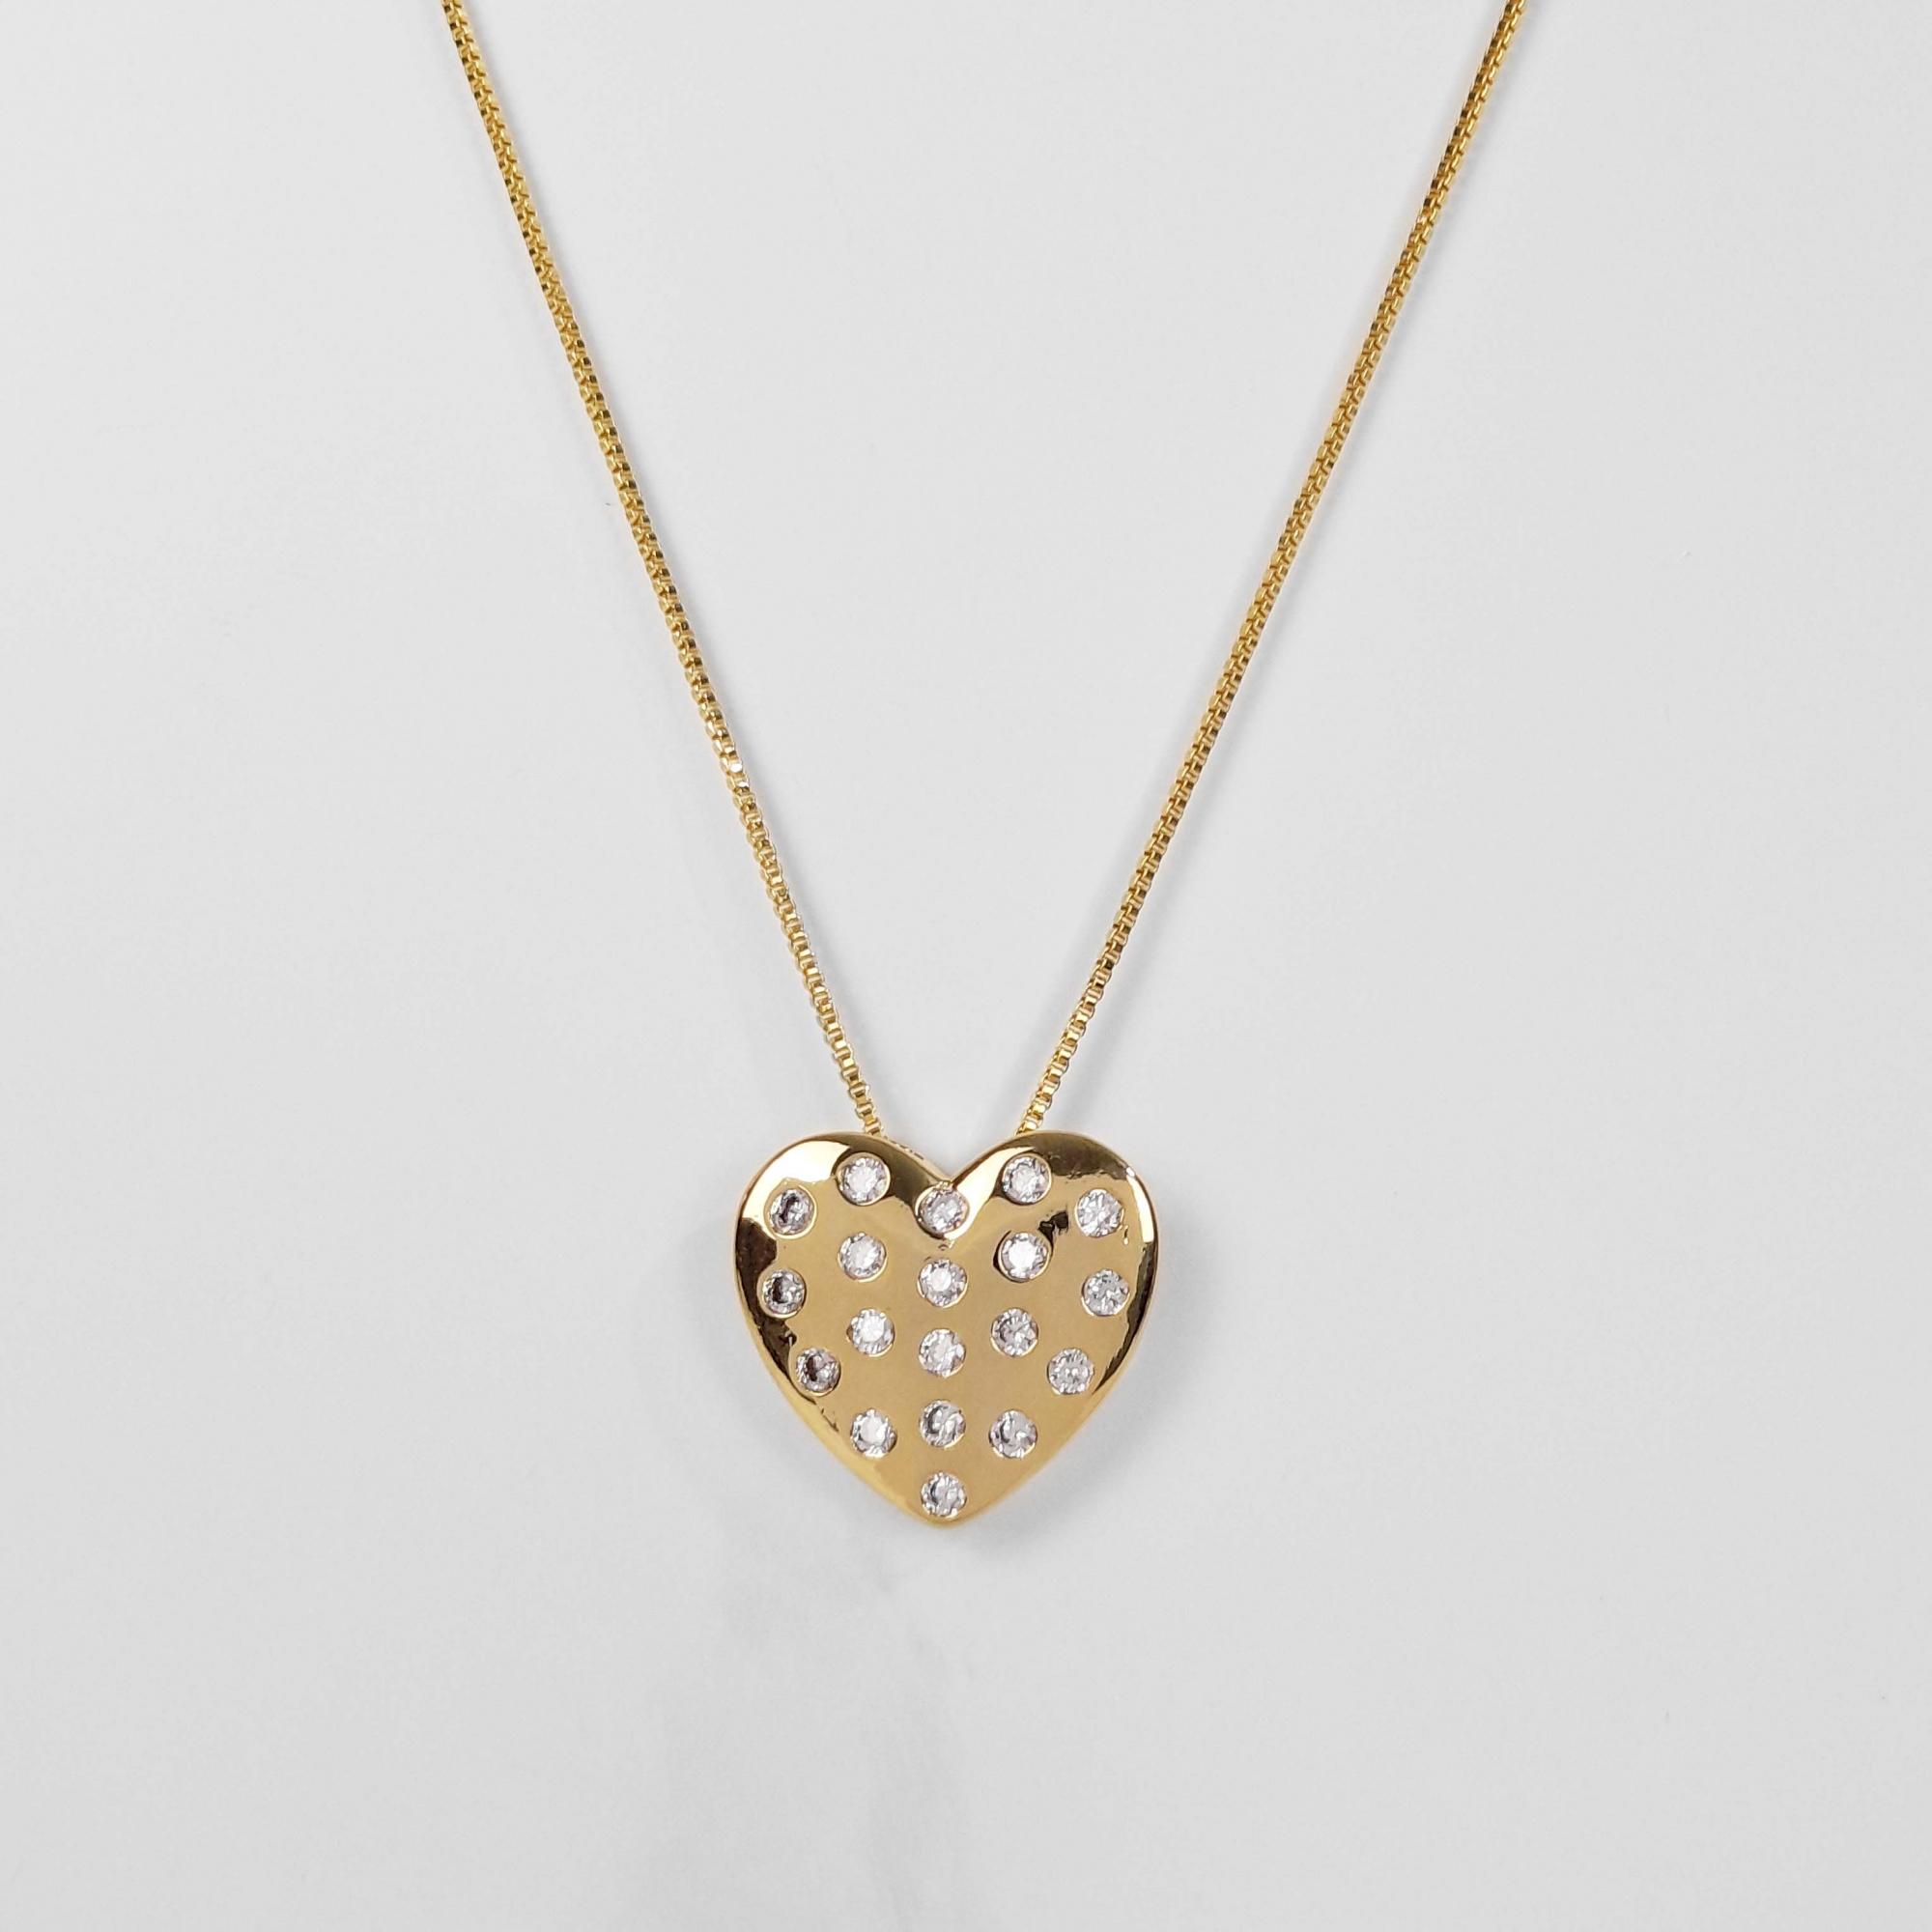 Gargantilha Coração Cravejado Zircônias Folheado Ouro 18K  - Lunozê Joias